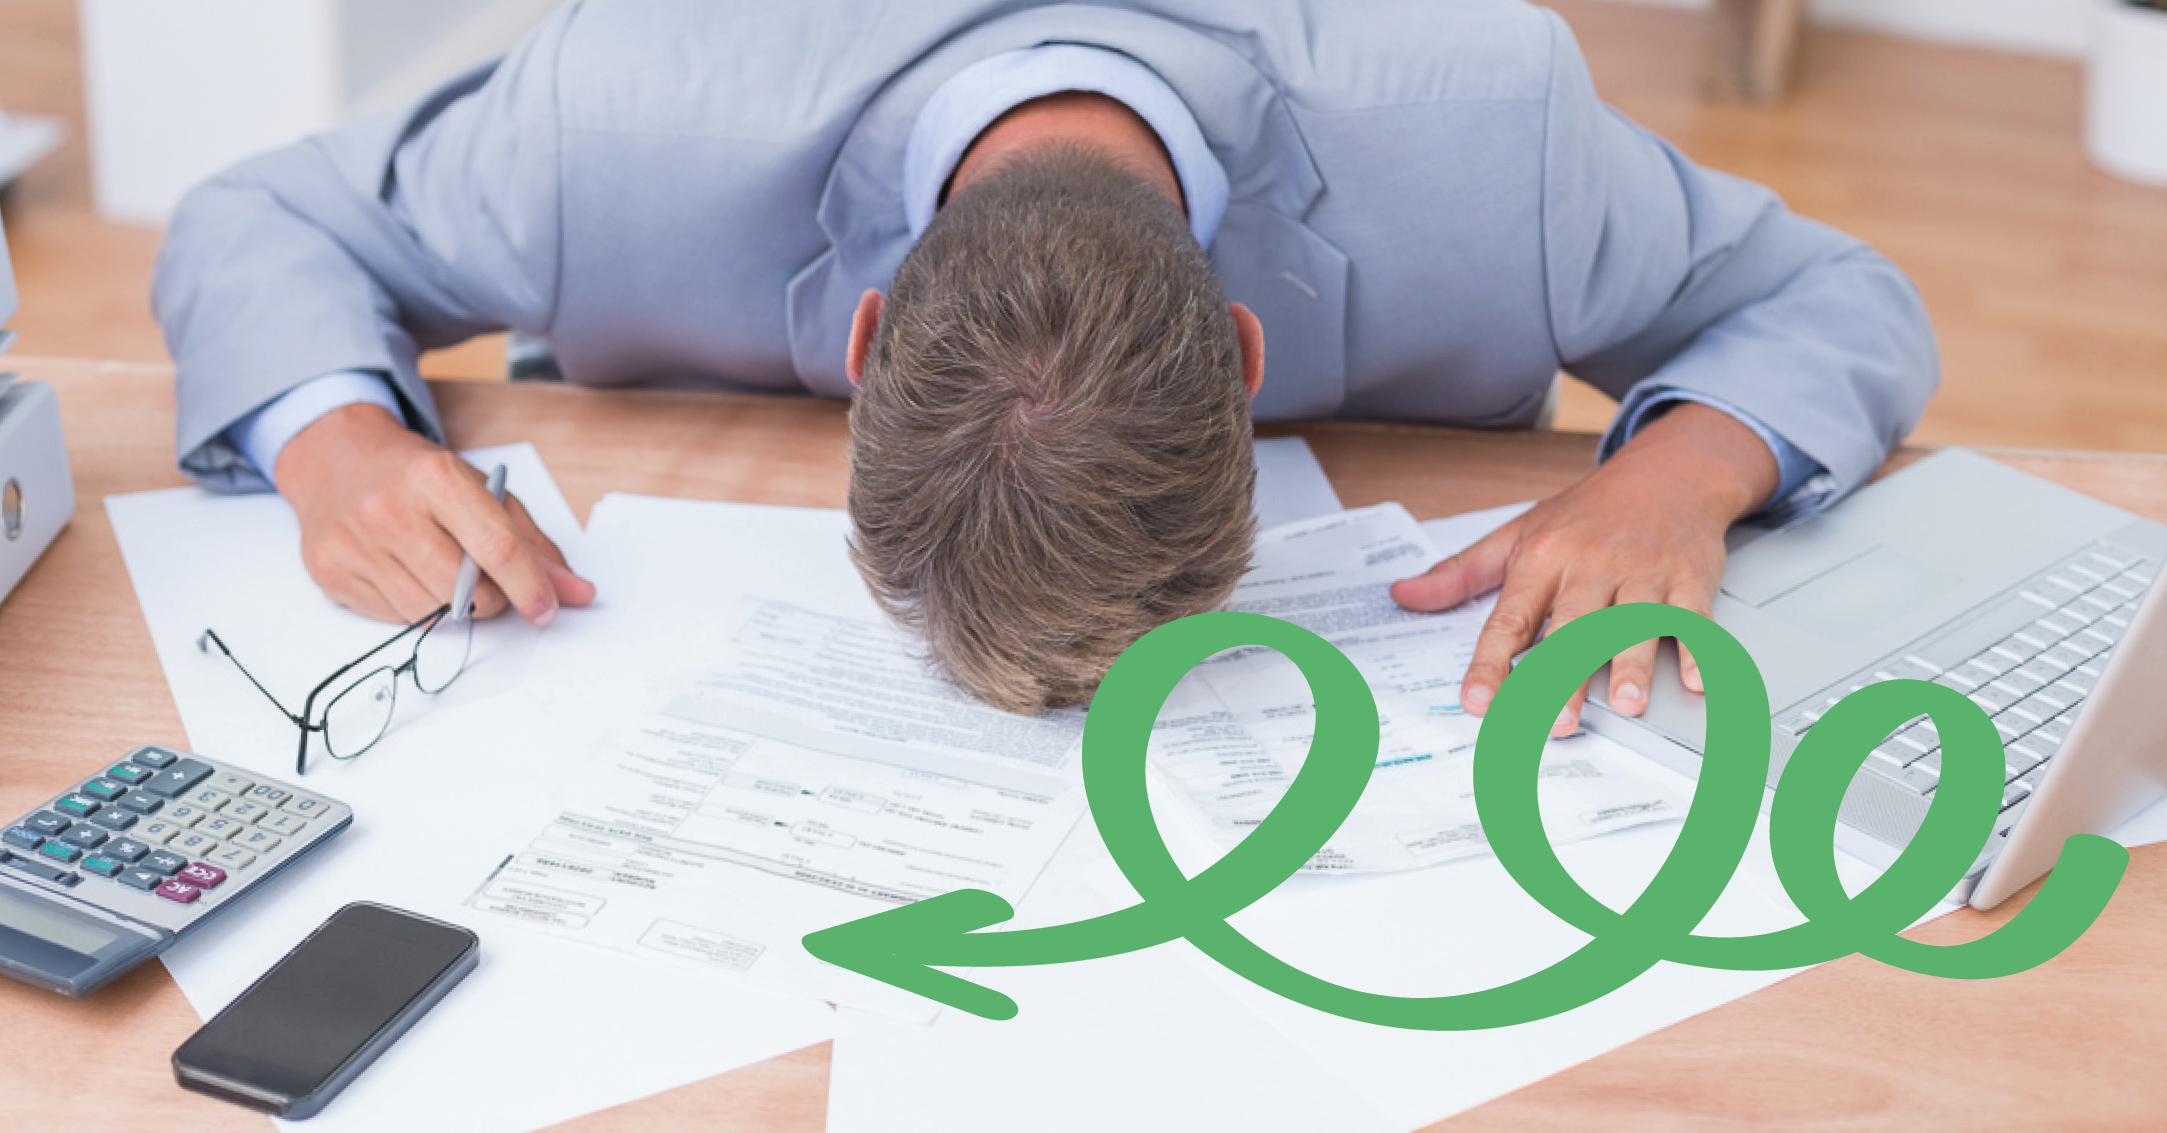 Overstappen van Word of Excel naar Visionplanner